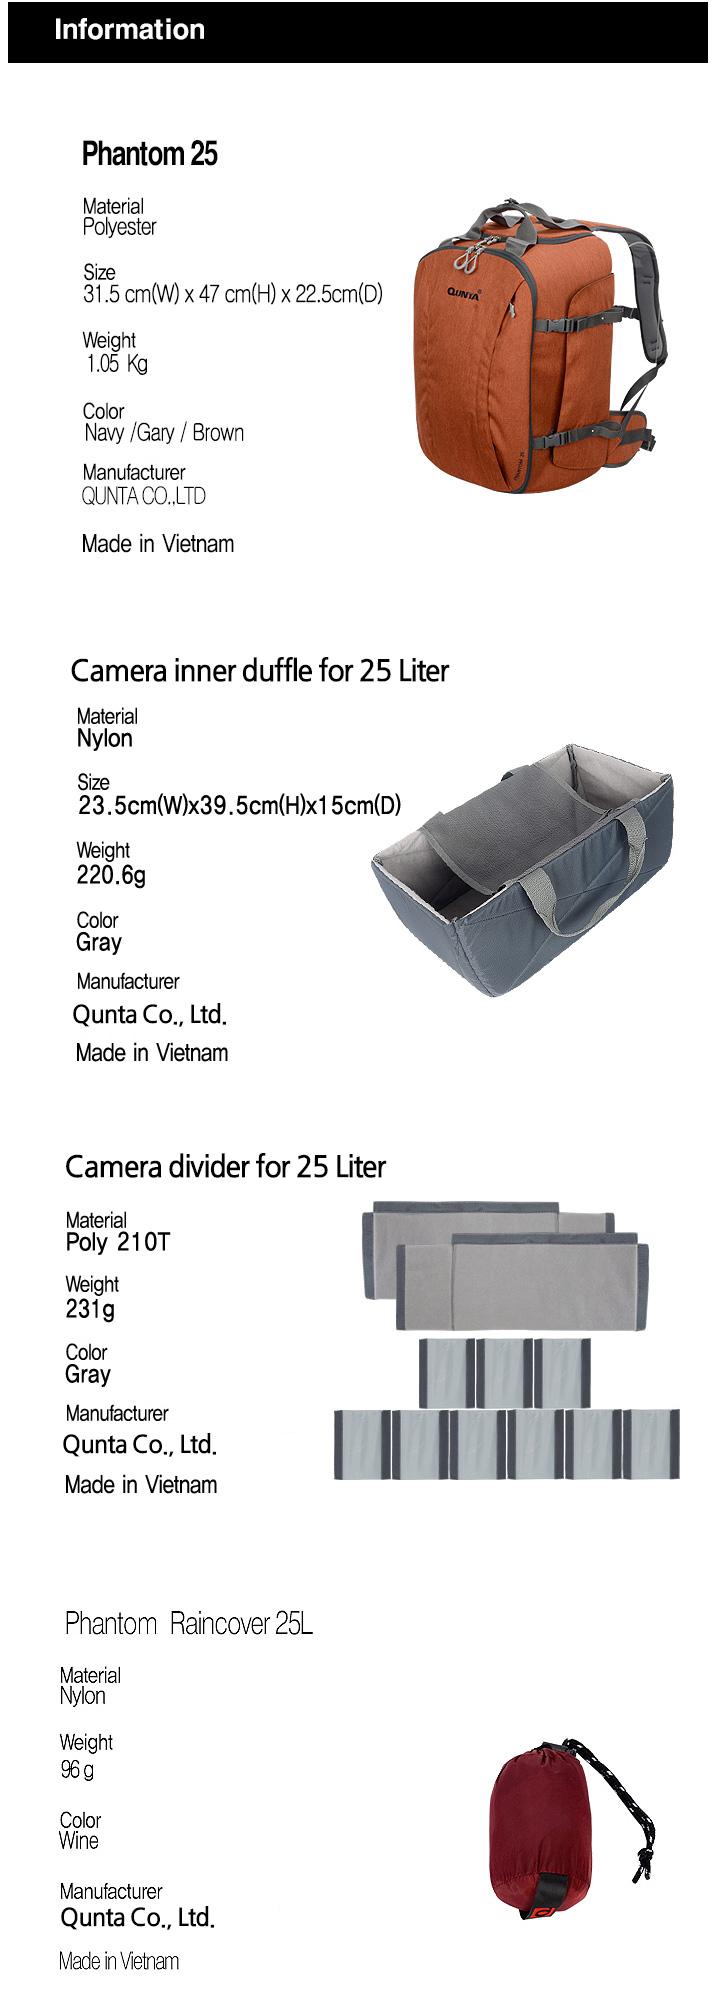 쿤타 카메라 팬텀 25L 이너더플 디바이더포함 분리사용가능